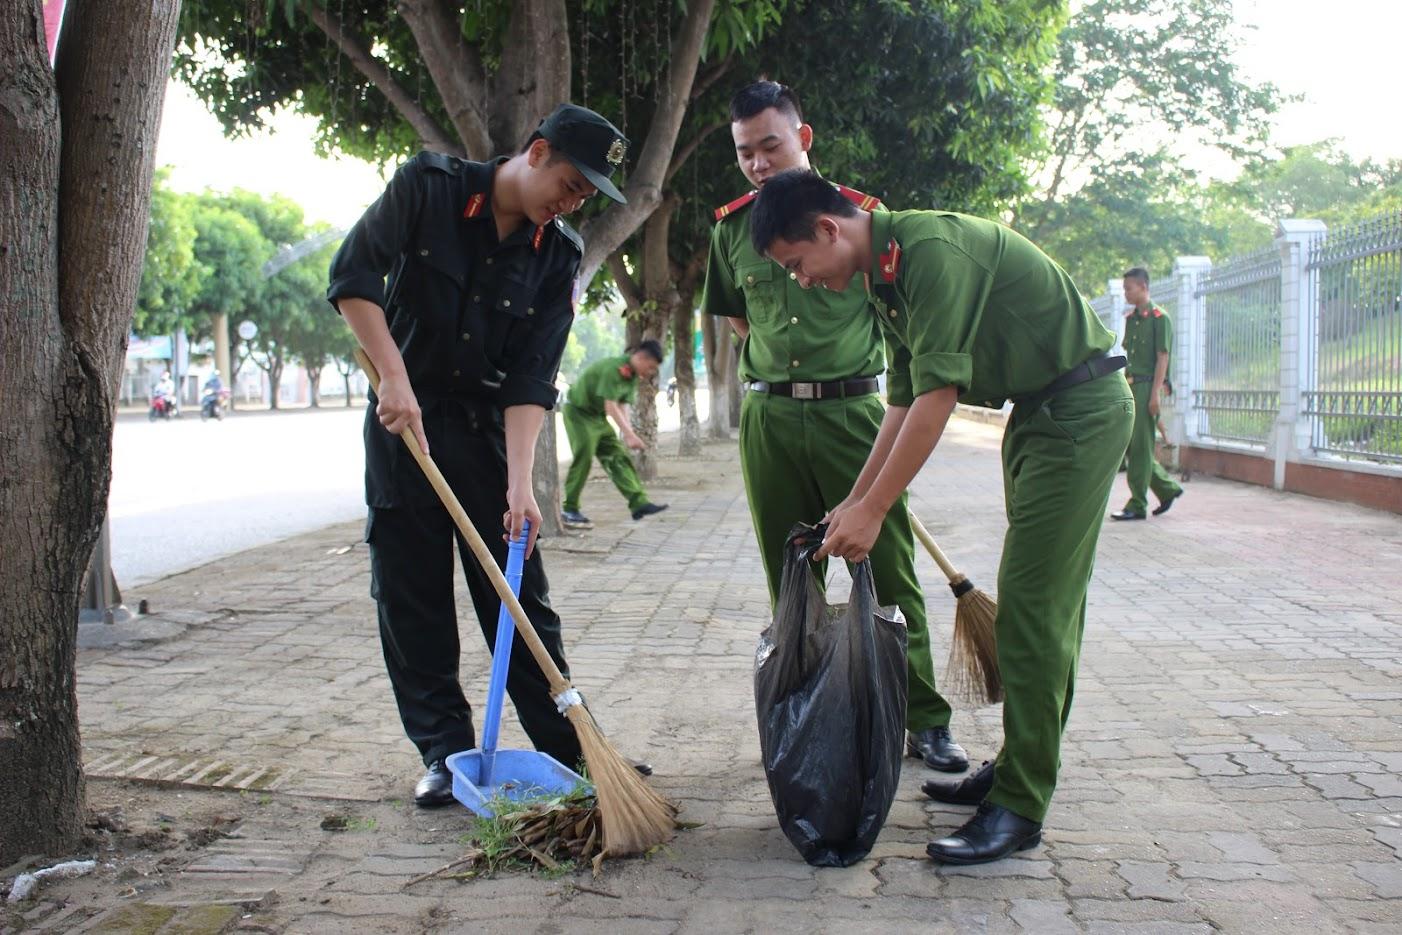 Trong lực lượng Công an Nghệ An, 'Chủ nhật xanh' đã được triển khai ở các đơn vị trong nhiều năm nay